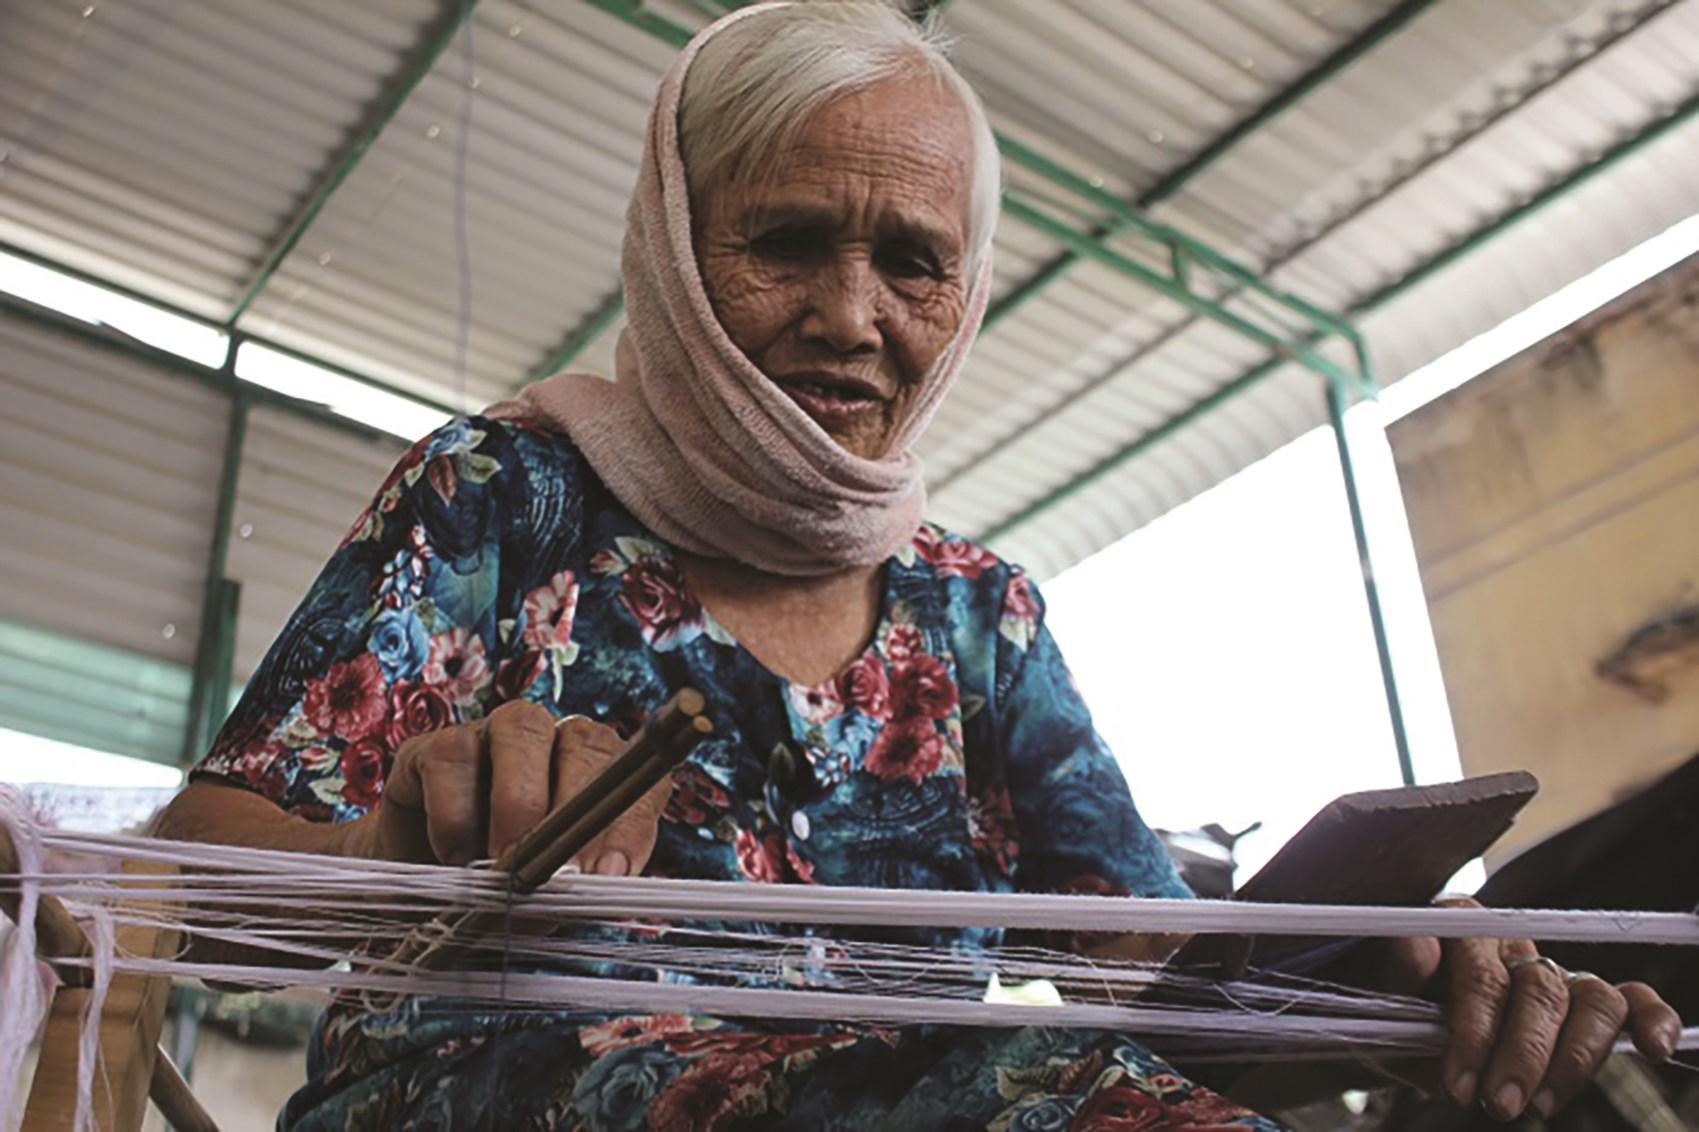 Nghệ nhân Đàng Thị Mượn chia sẻ nỗi trăn trở về sự mai một của làng nghề dệt thổ cẩm